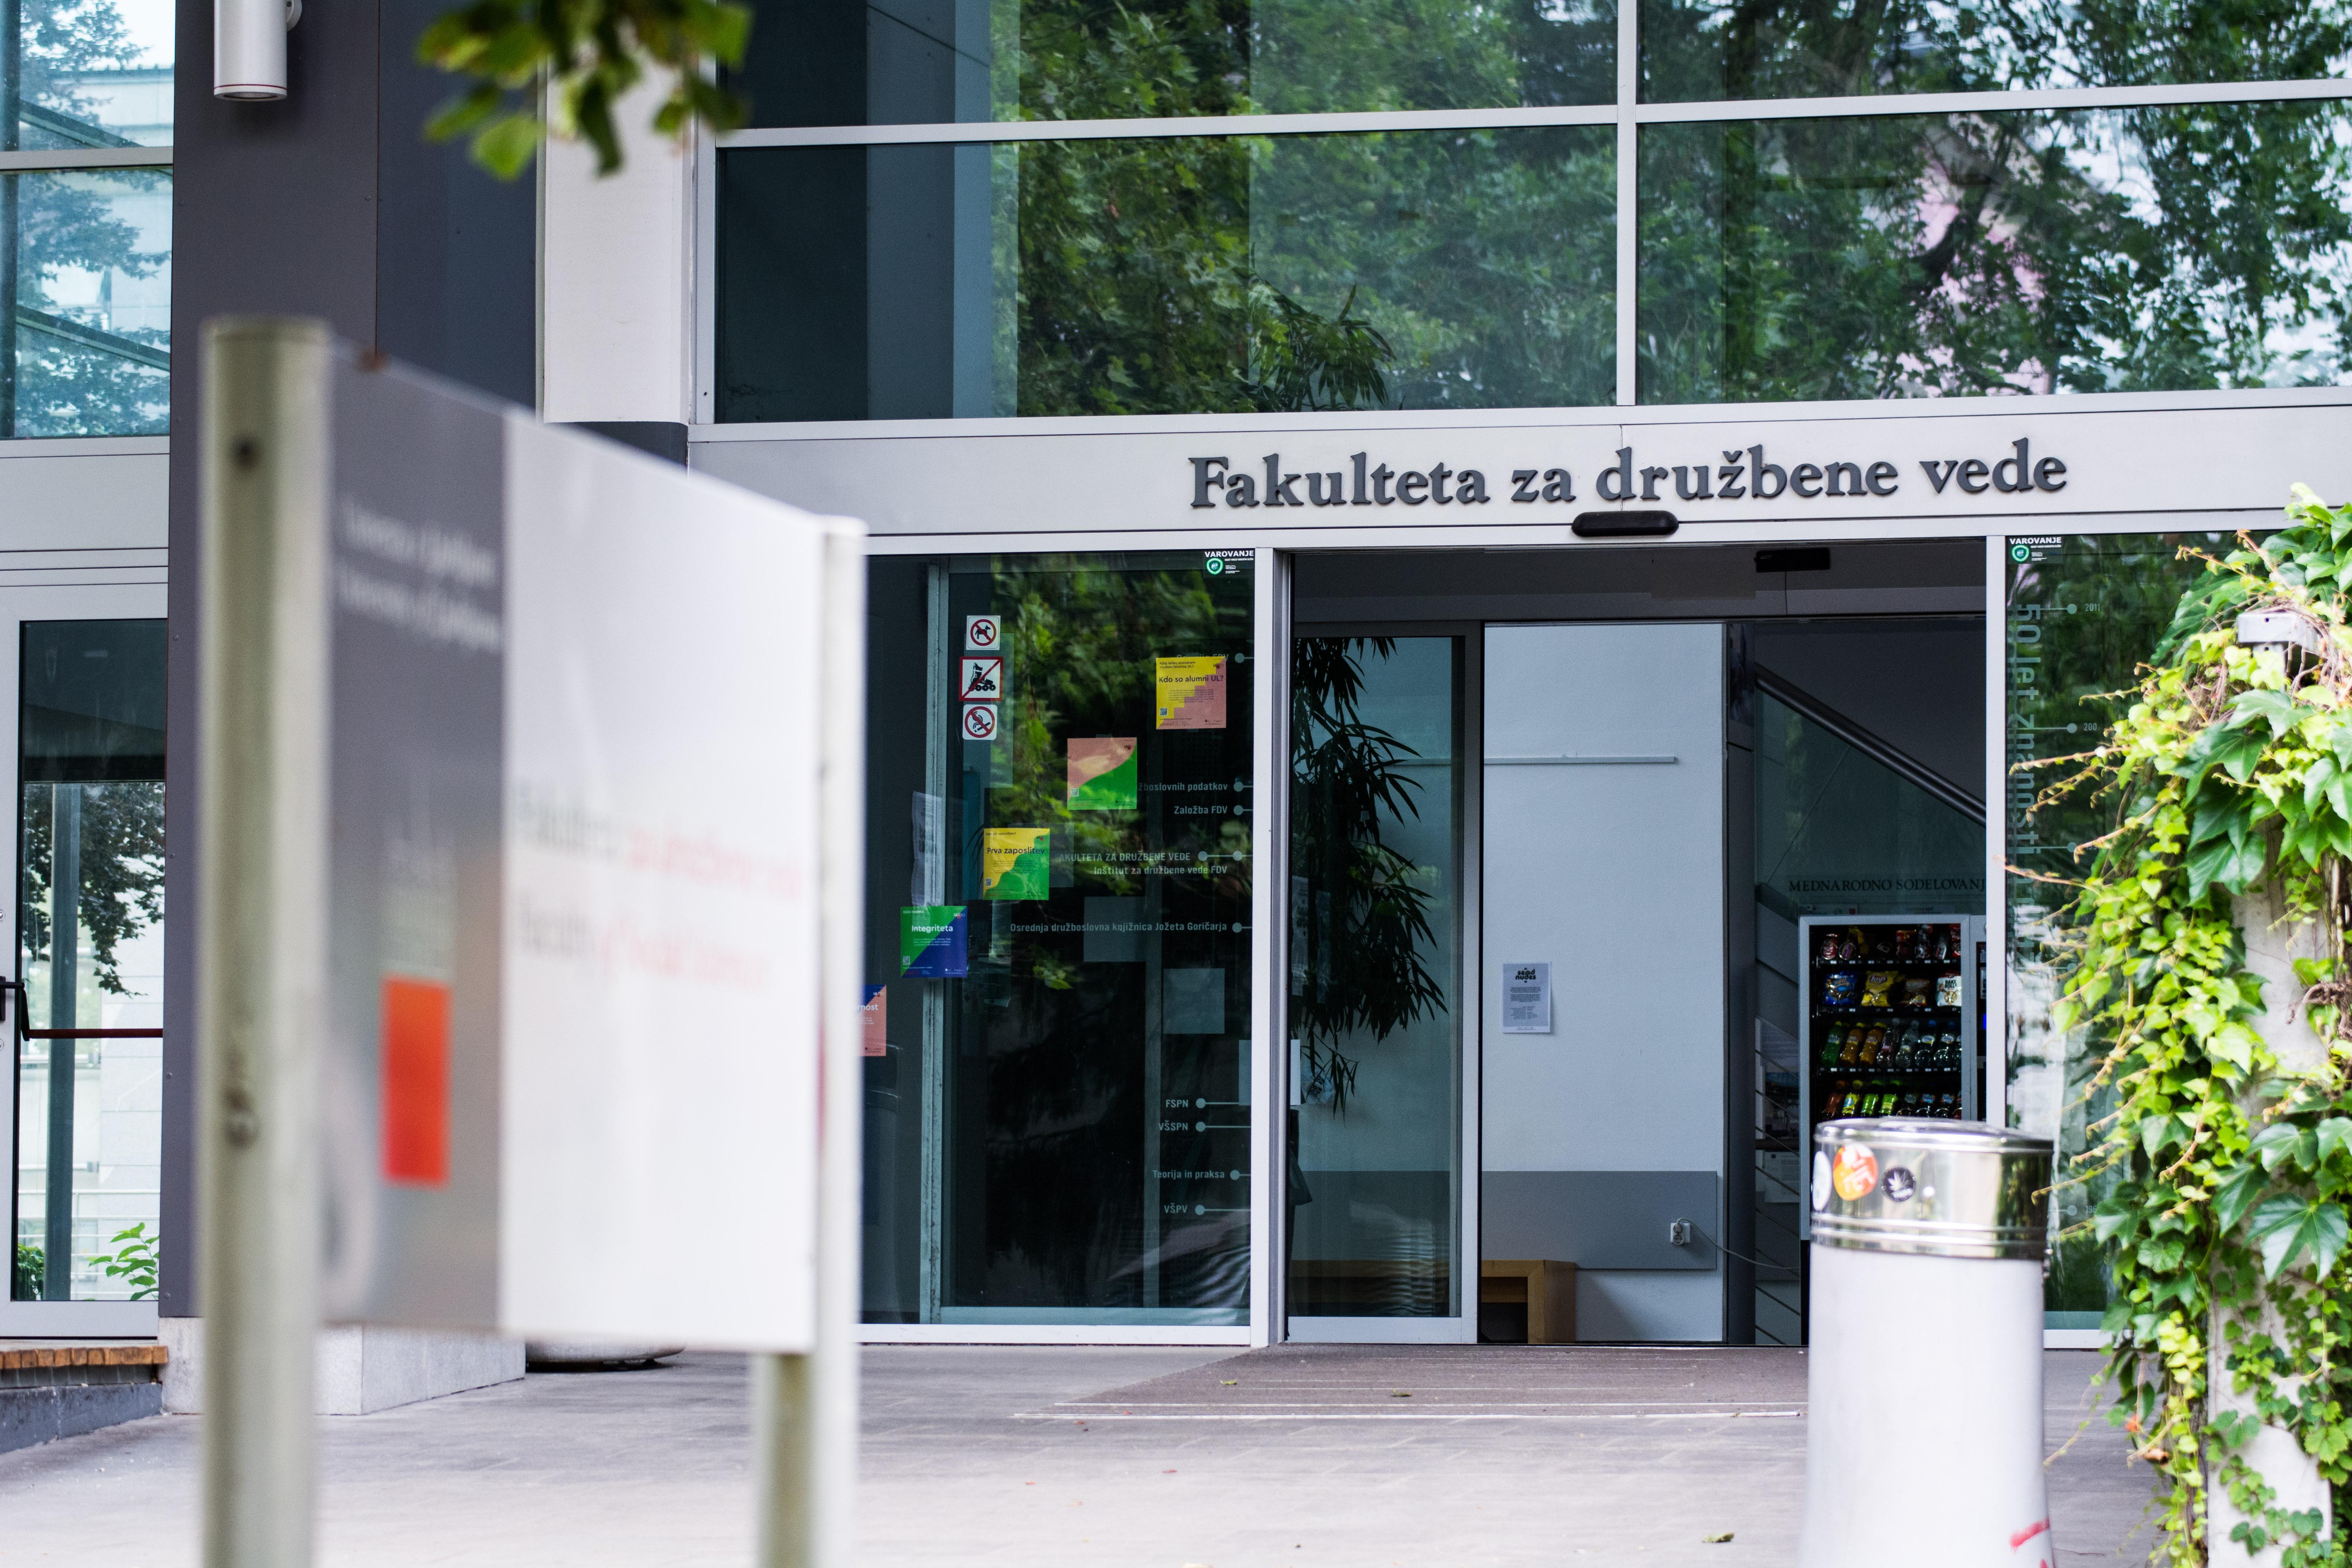 FDV_ležeče_naslovna vhod